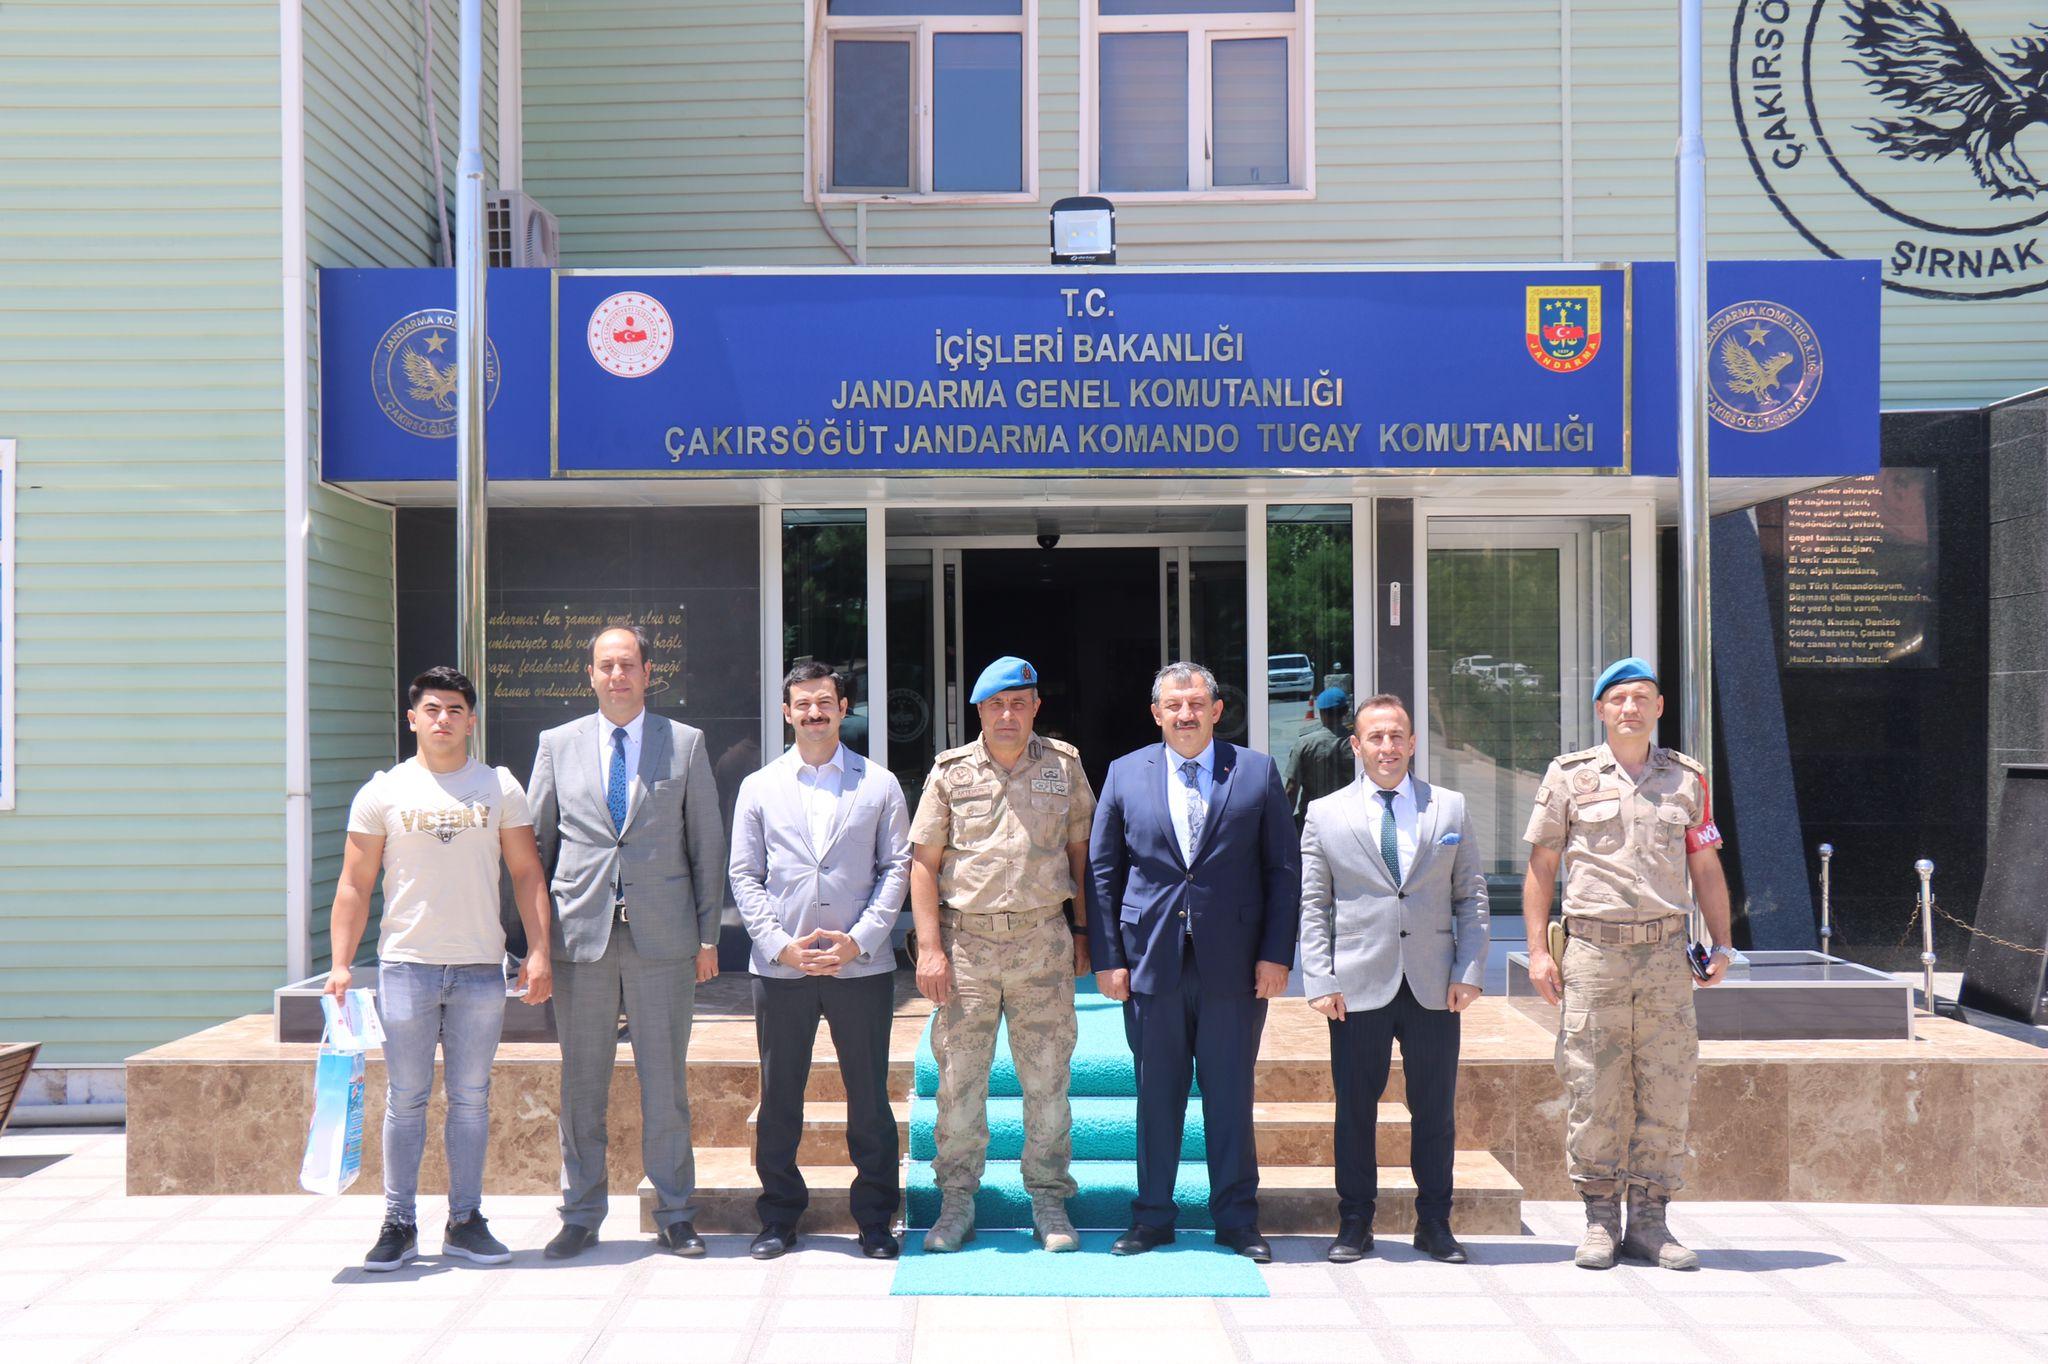 Federasyon Başkanımız Çakırsöğüt Jandarma Komando Tugayını Ziyaret Etti